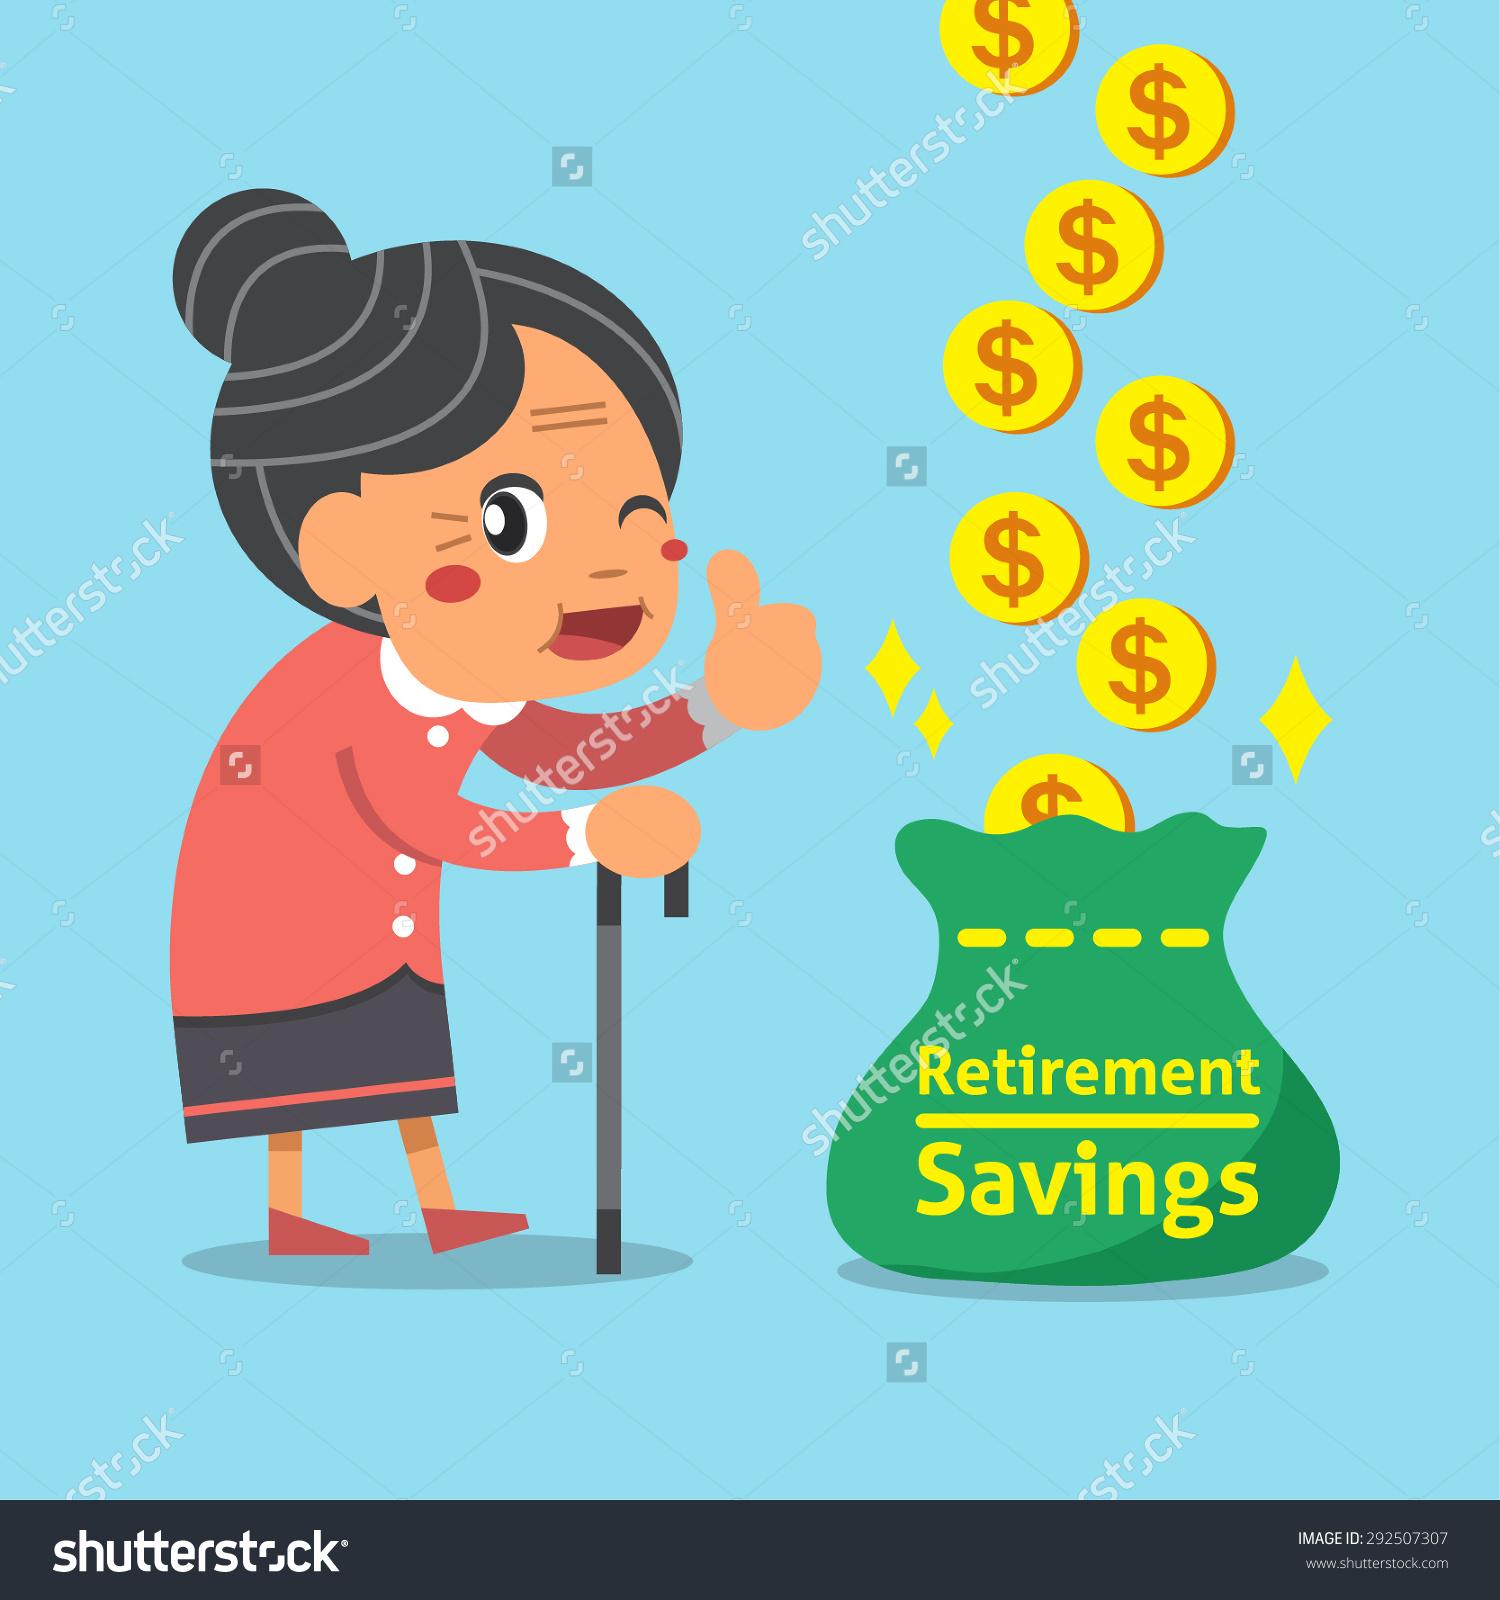 Saving for Retirement Clip Art.